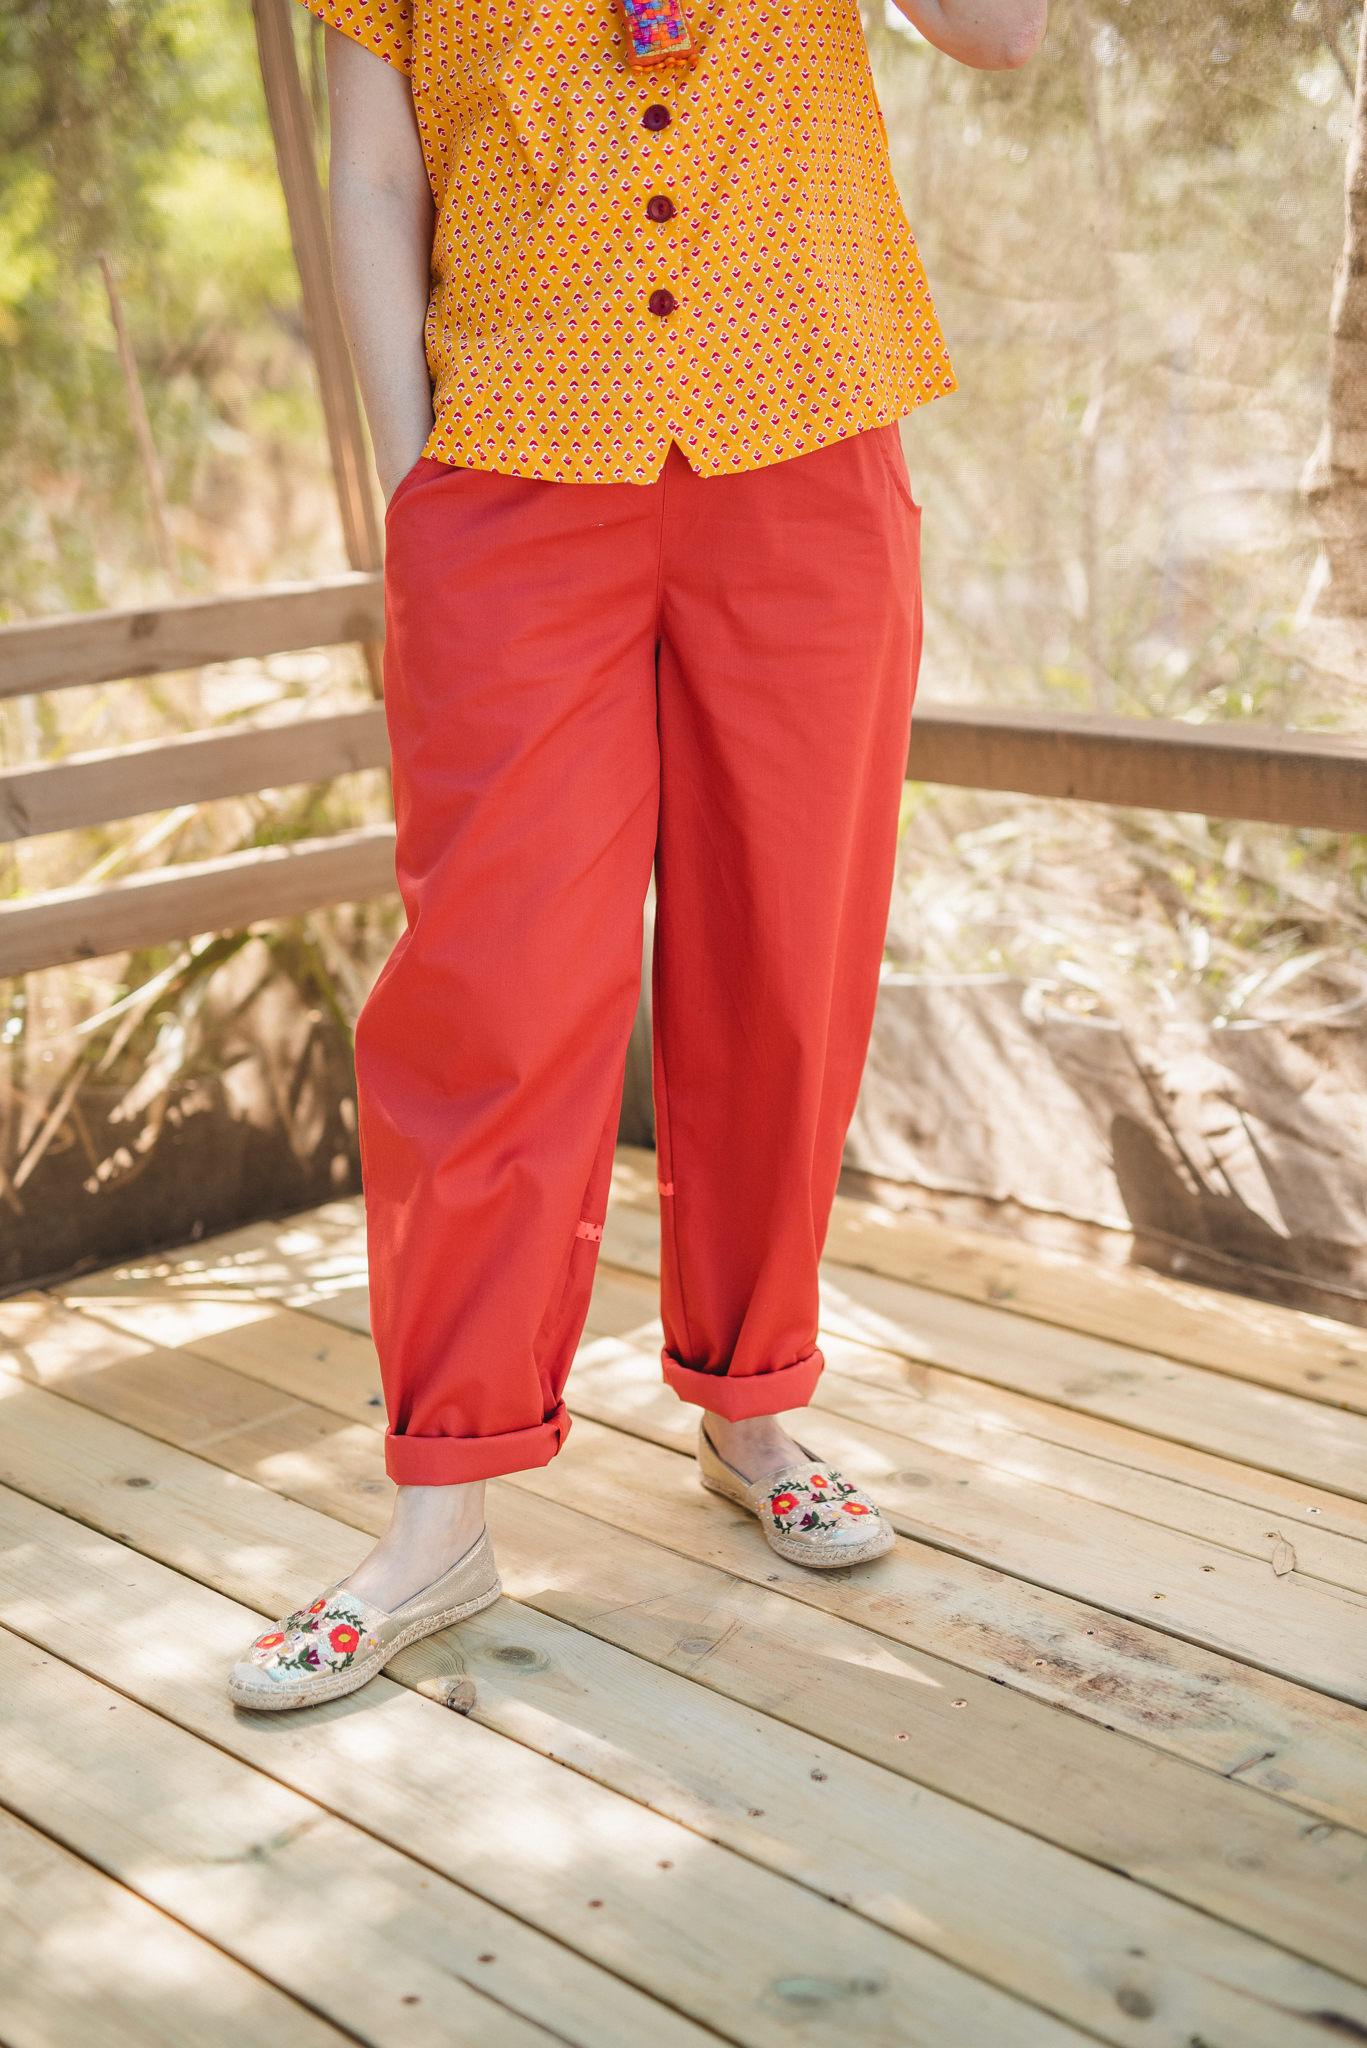 מכנסיים מדגם נור בצבע אדום-קורל